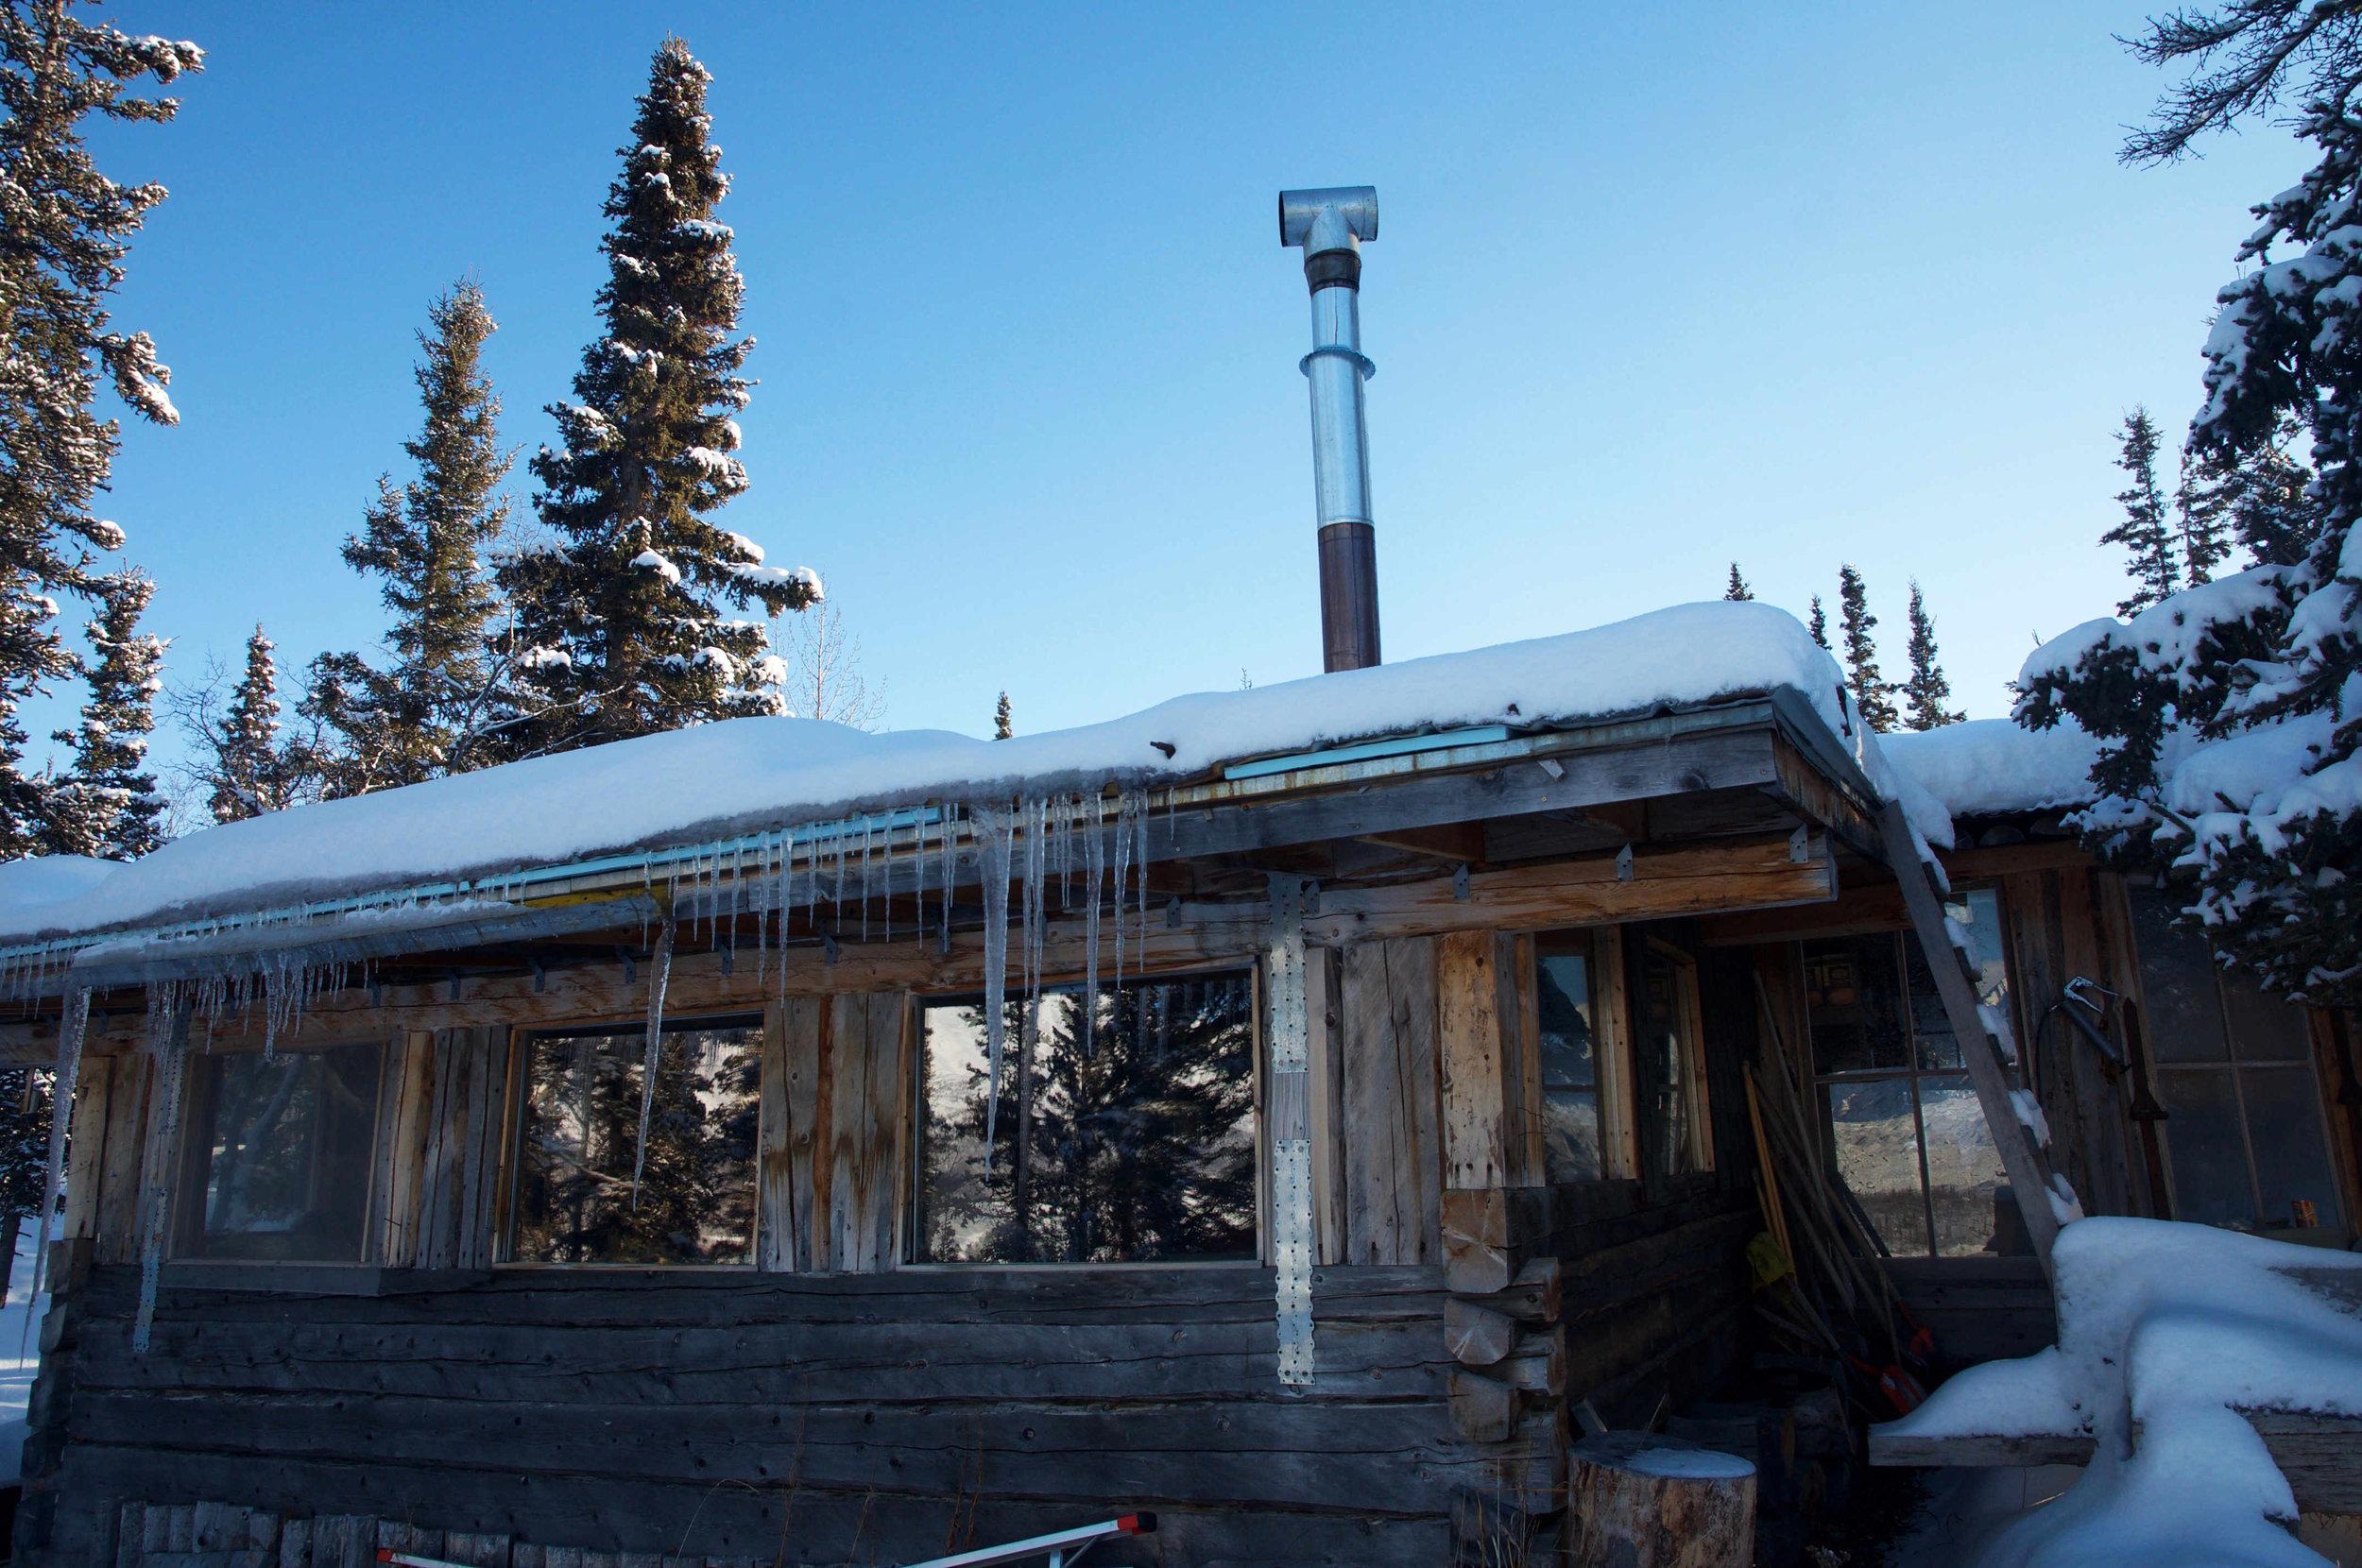 Gary Green's cabin